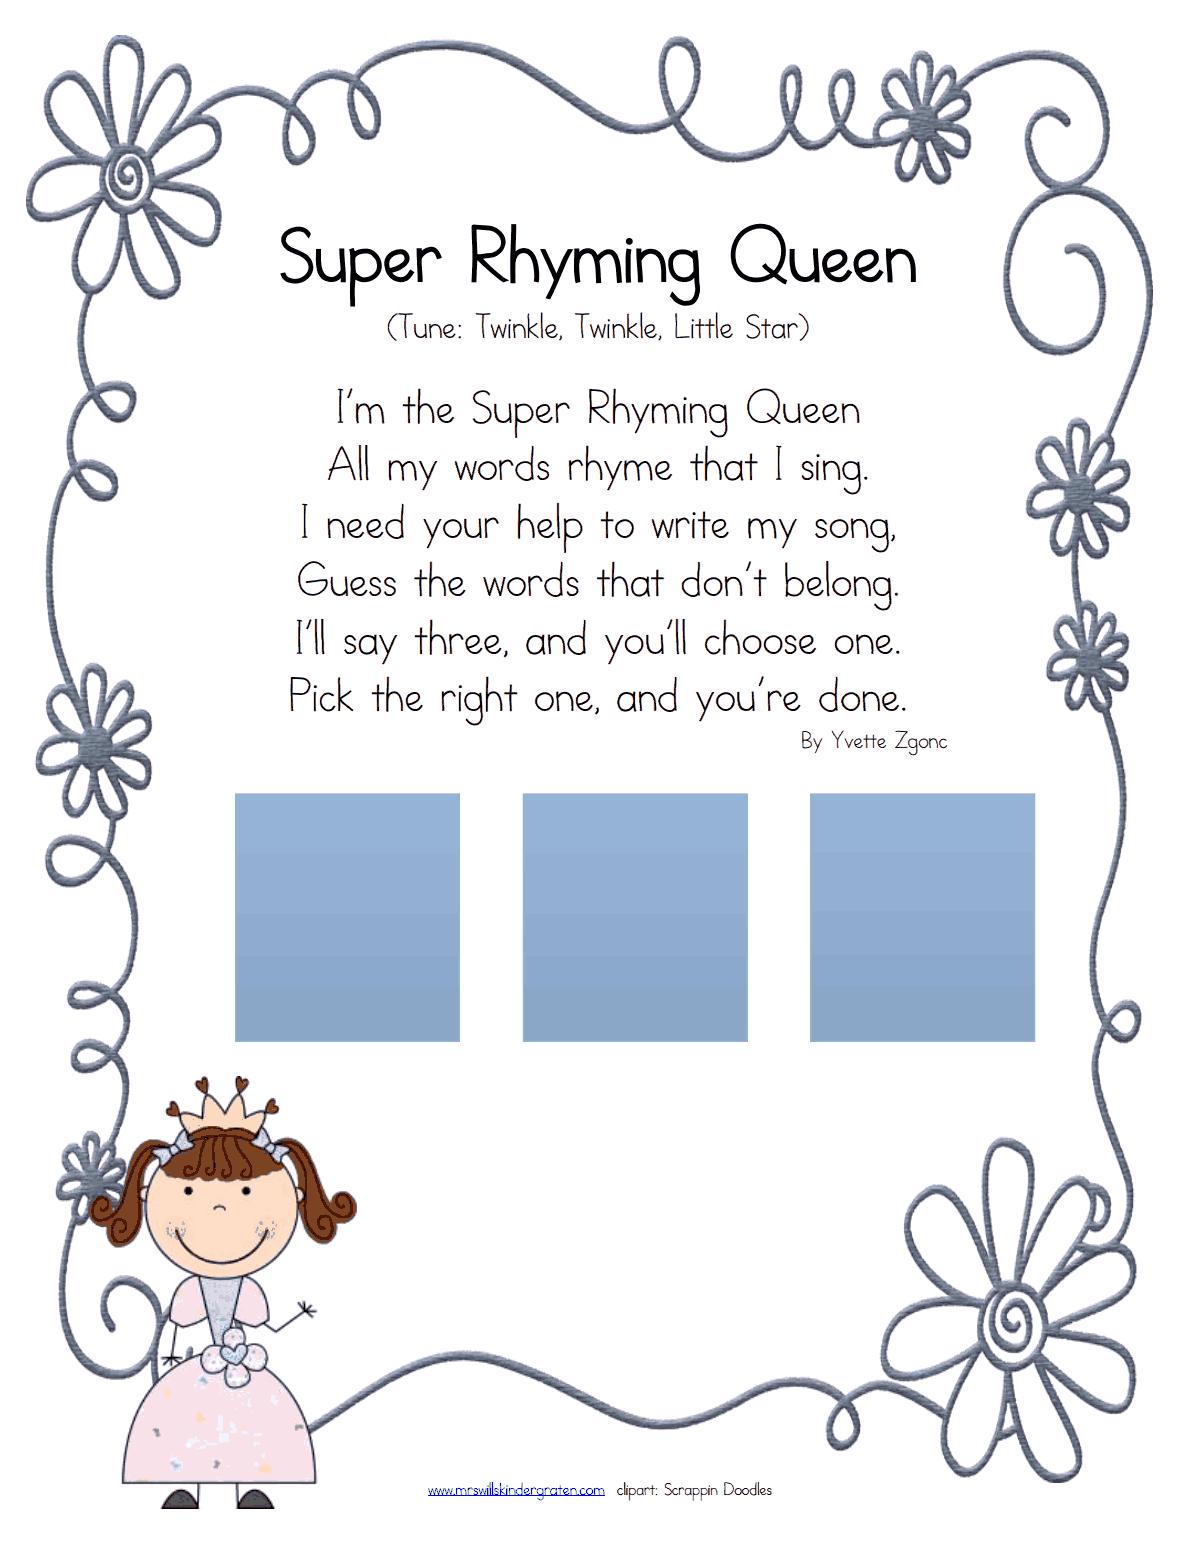 Super Rhyming Queen